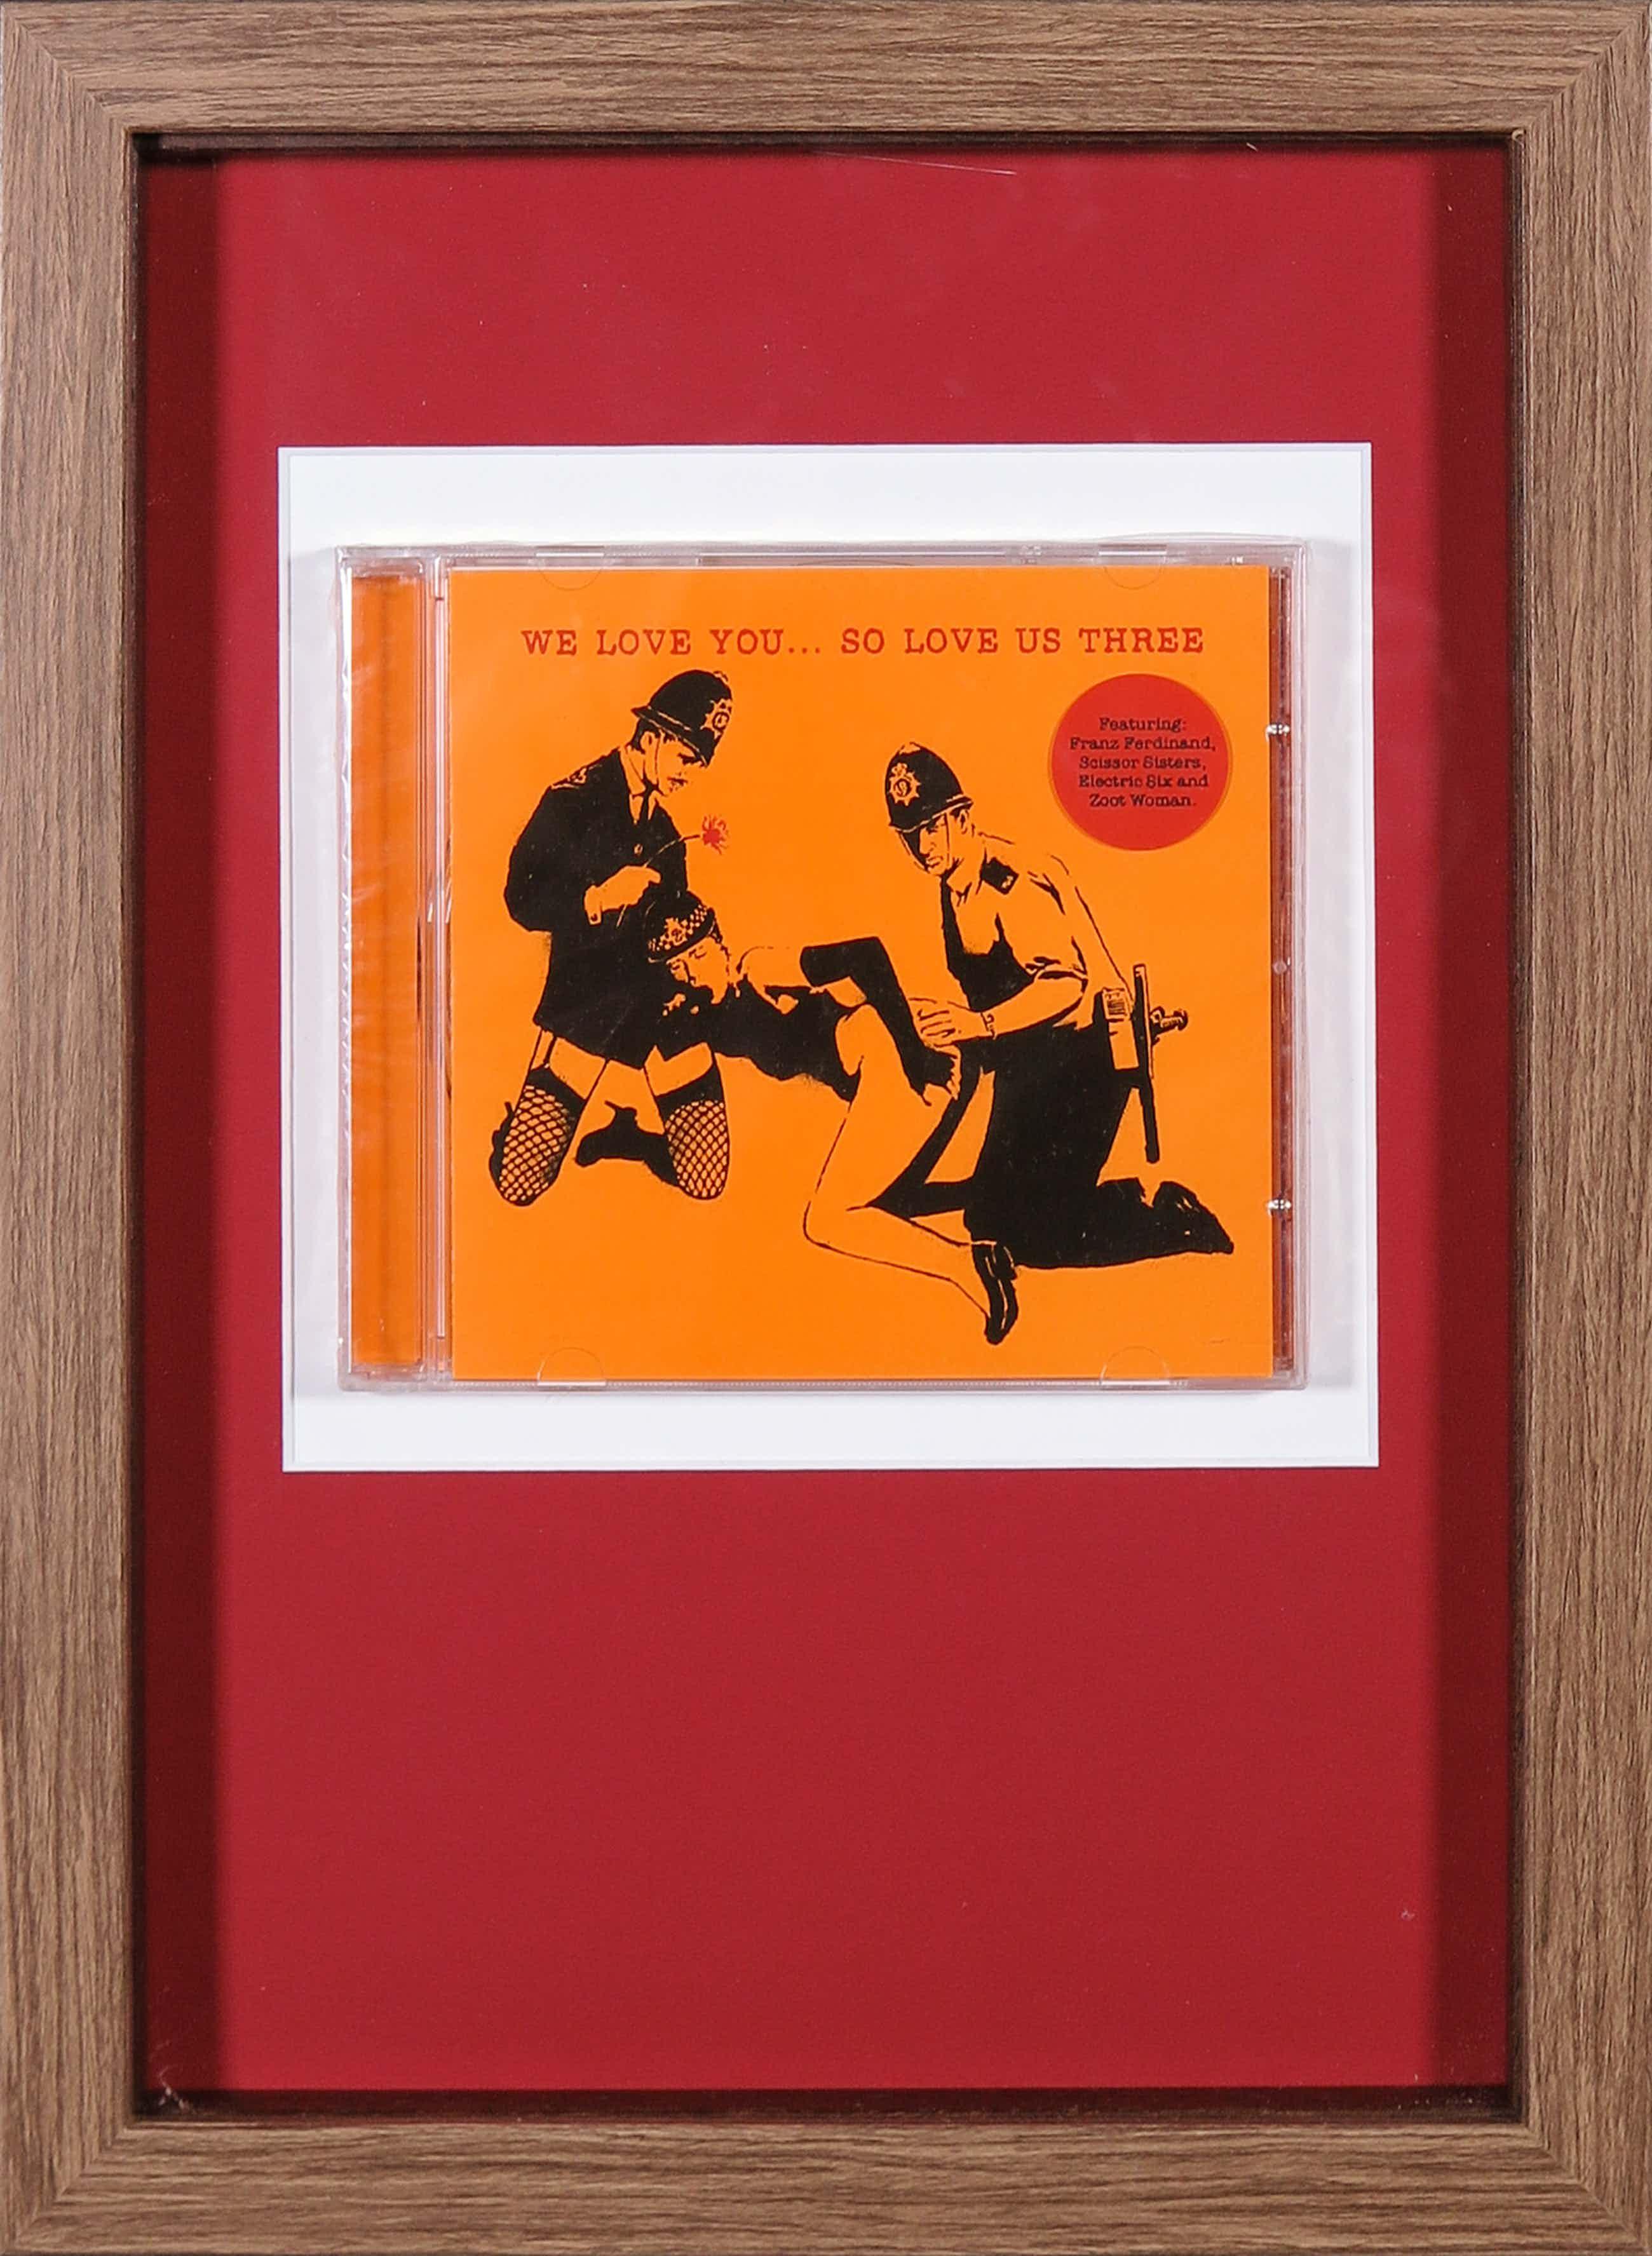 Banksy - We love you... so love us three (CD) kopen? Bied vanaf 51!